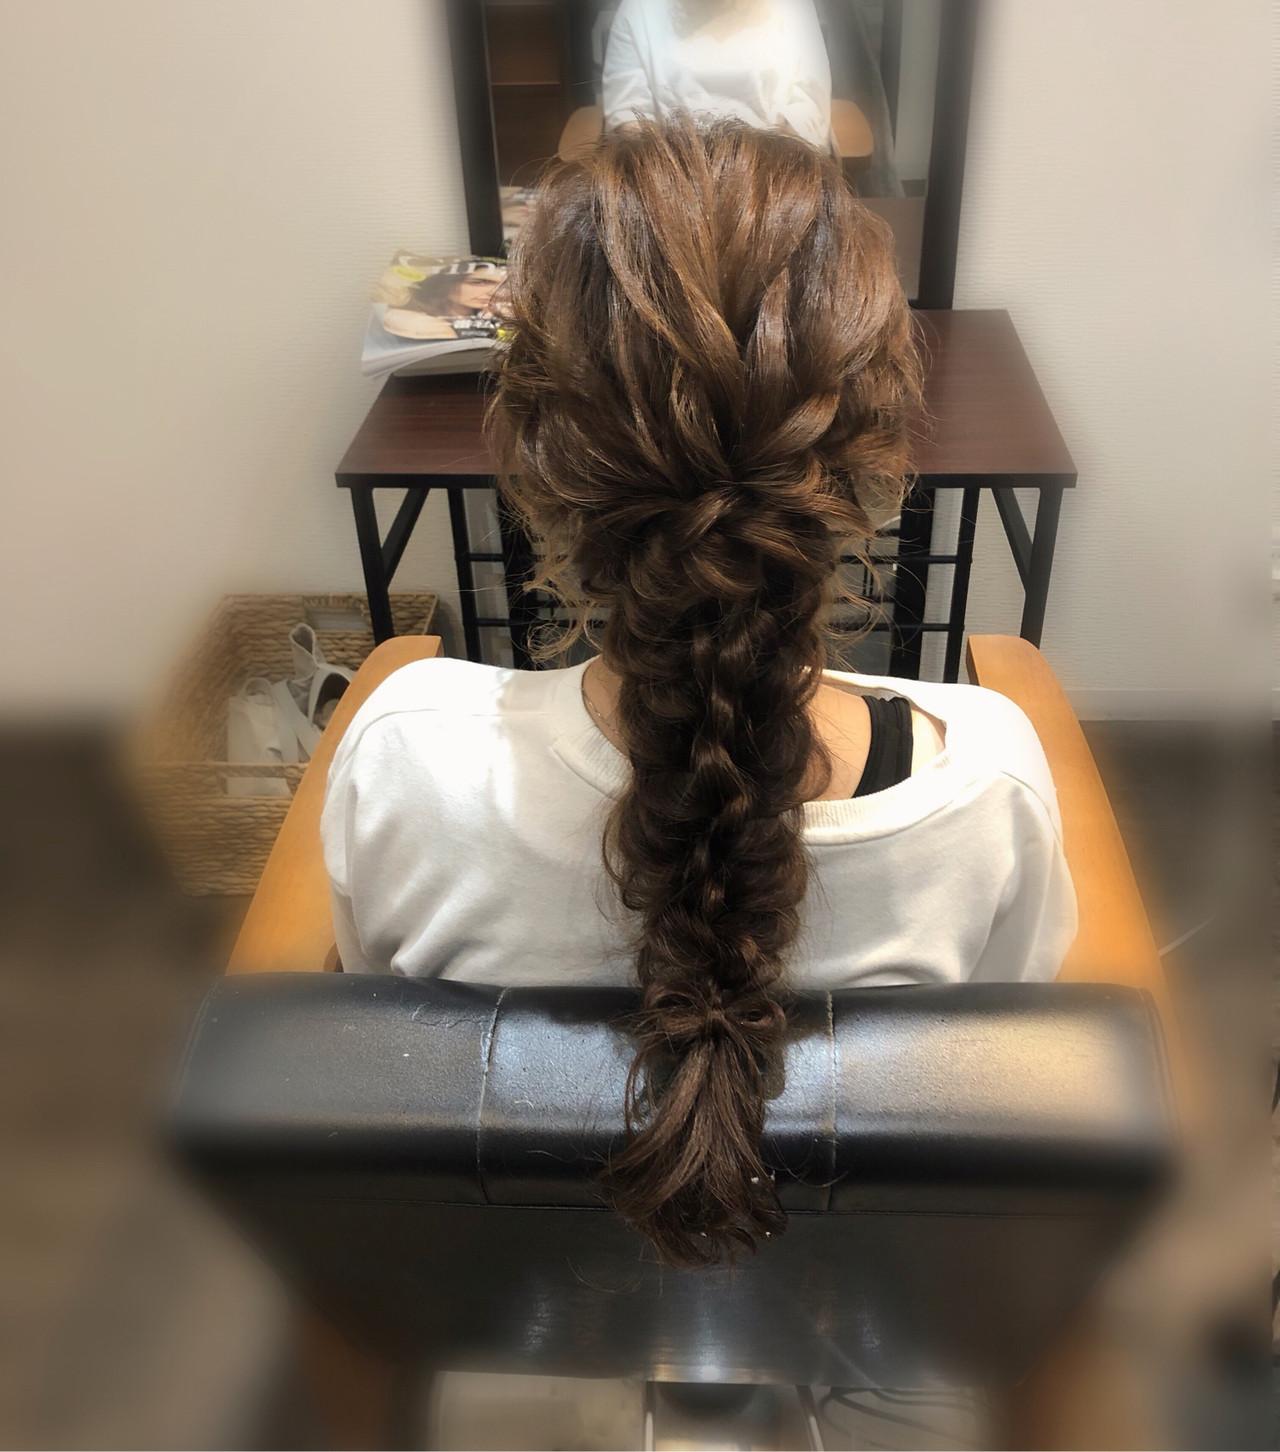 ロング フェミニン 編みおろしヘア 結婚式 ヘアスタイルや髪型の写真・画像